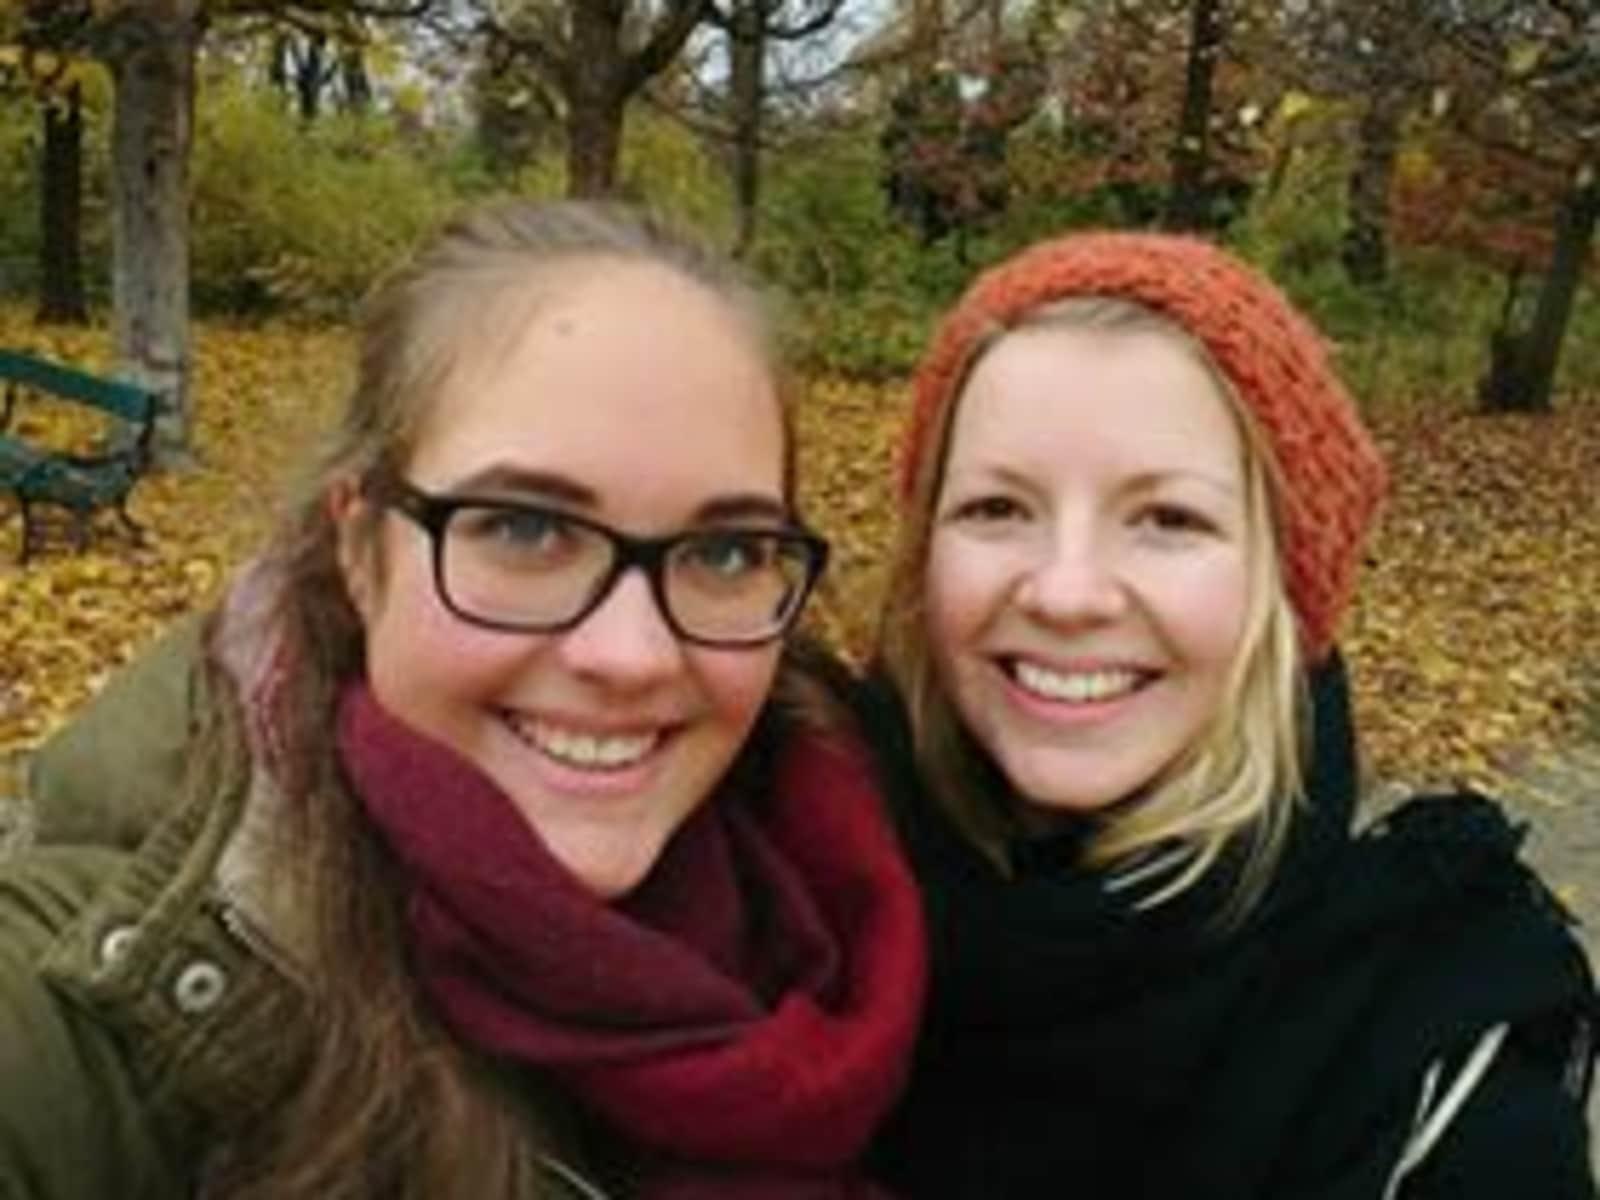 Antonia & Ricarda from Vienna, Austria